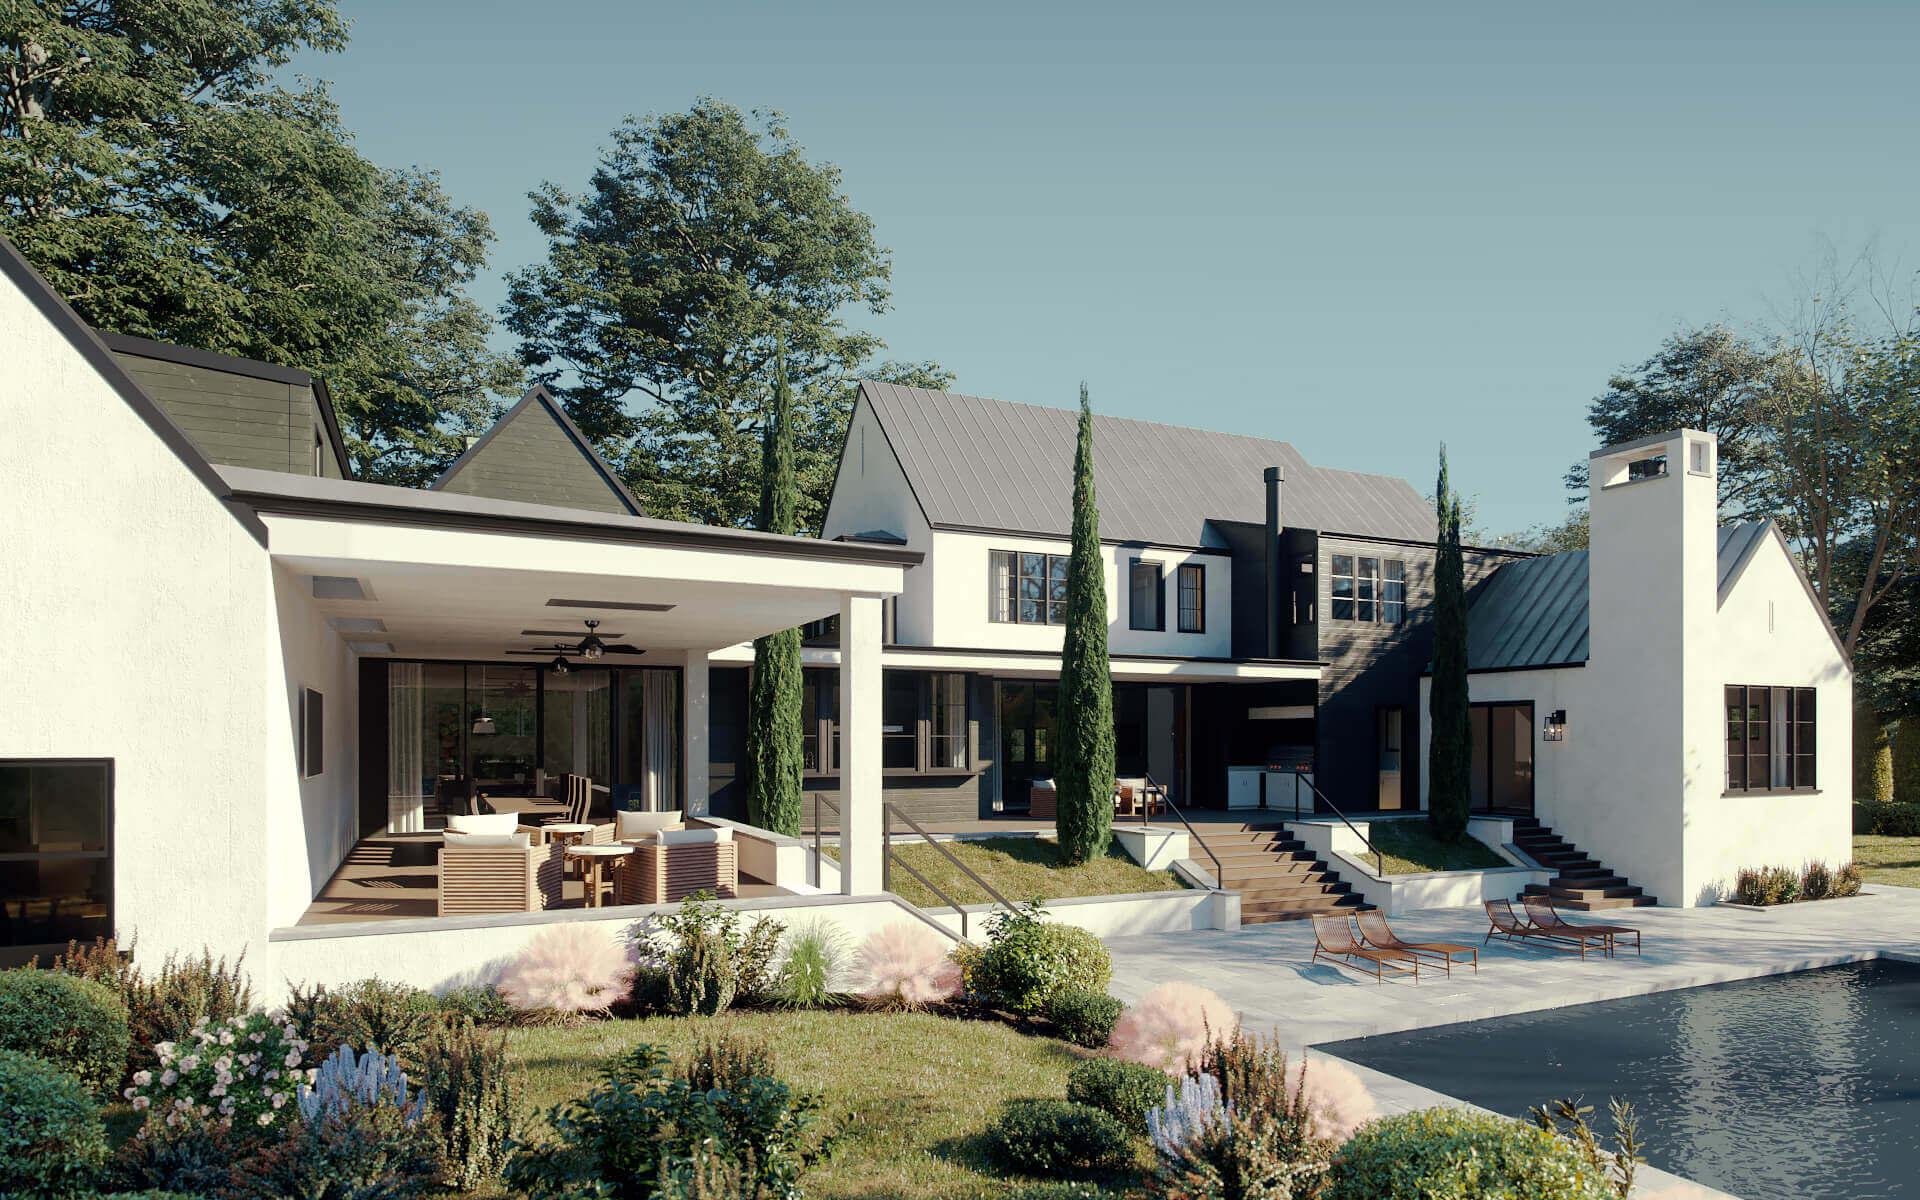 3D Exterior Rendering Of A Modern Villa